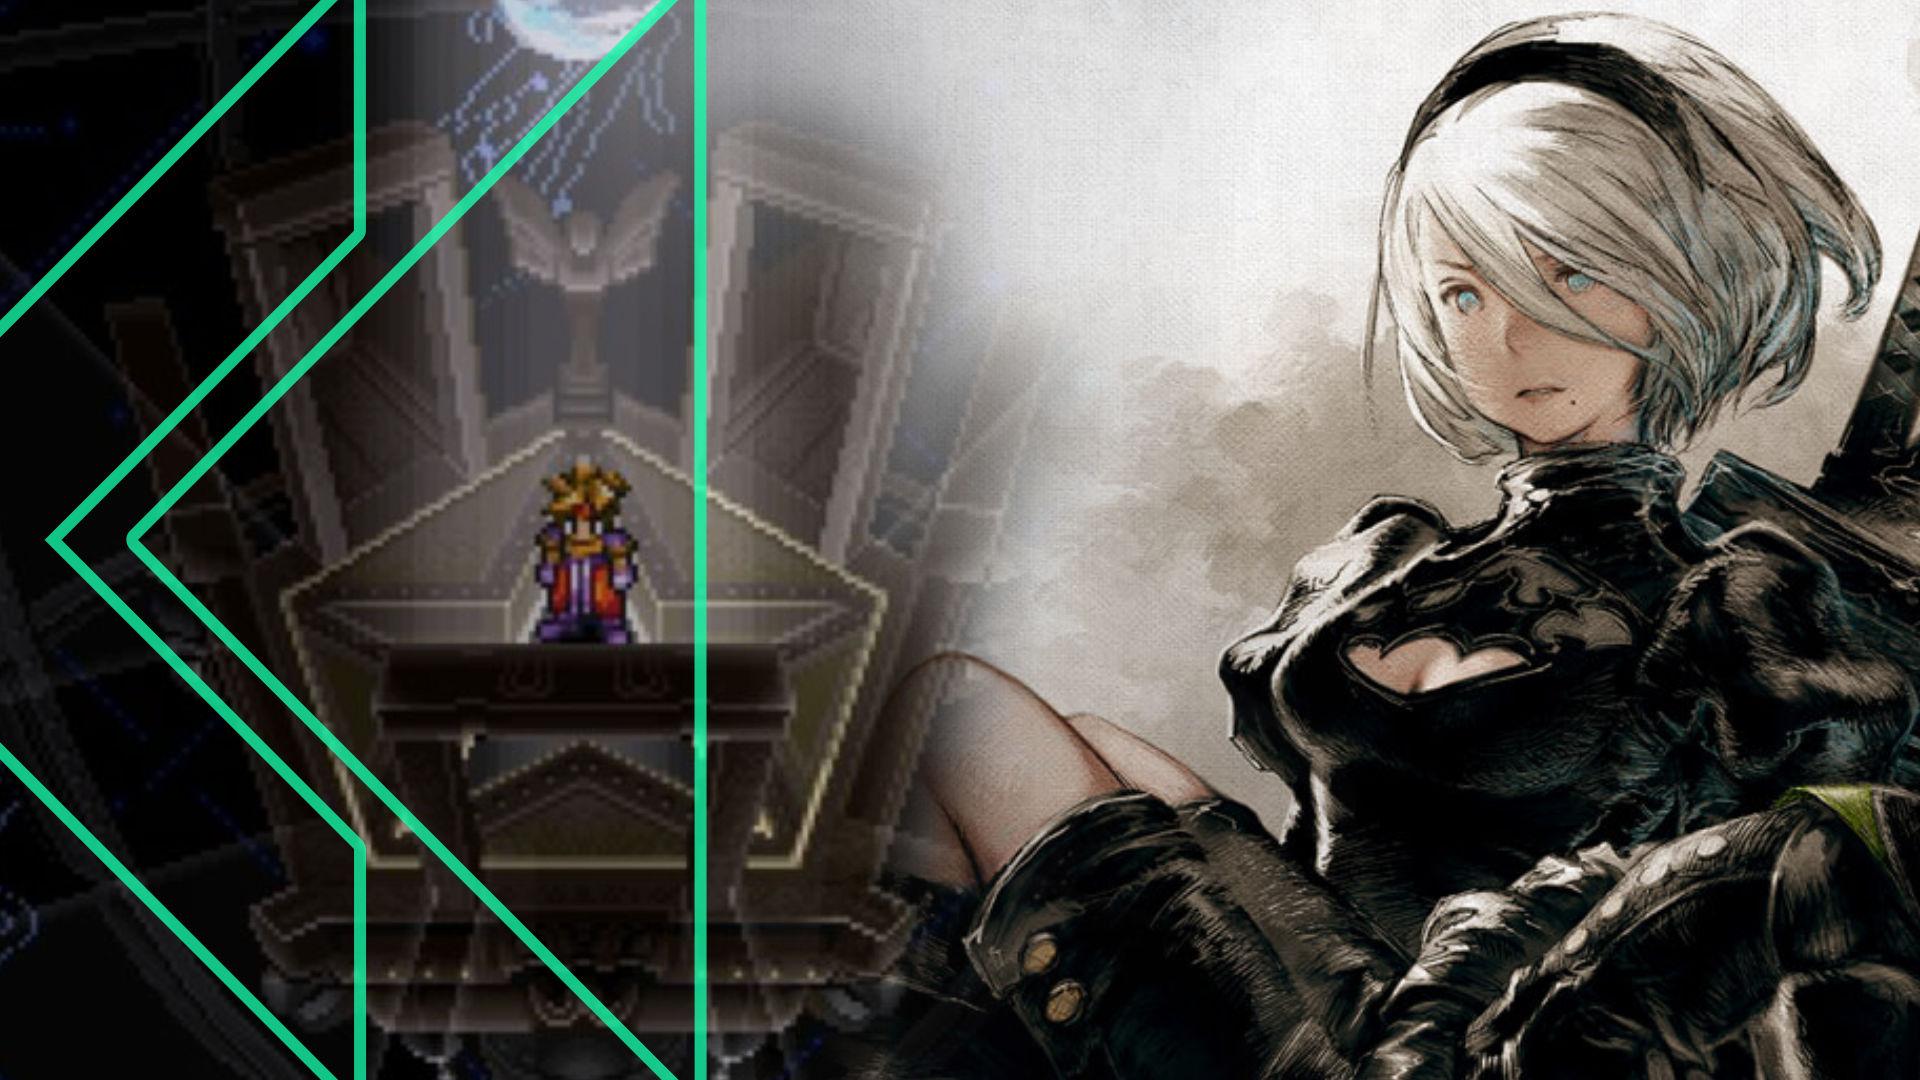 Retro Encounter 257 graphic featuring Terranigma and NieR Automata artwork